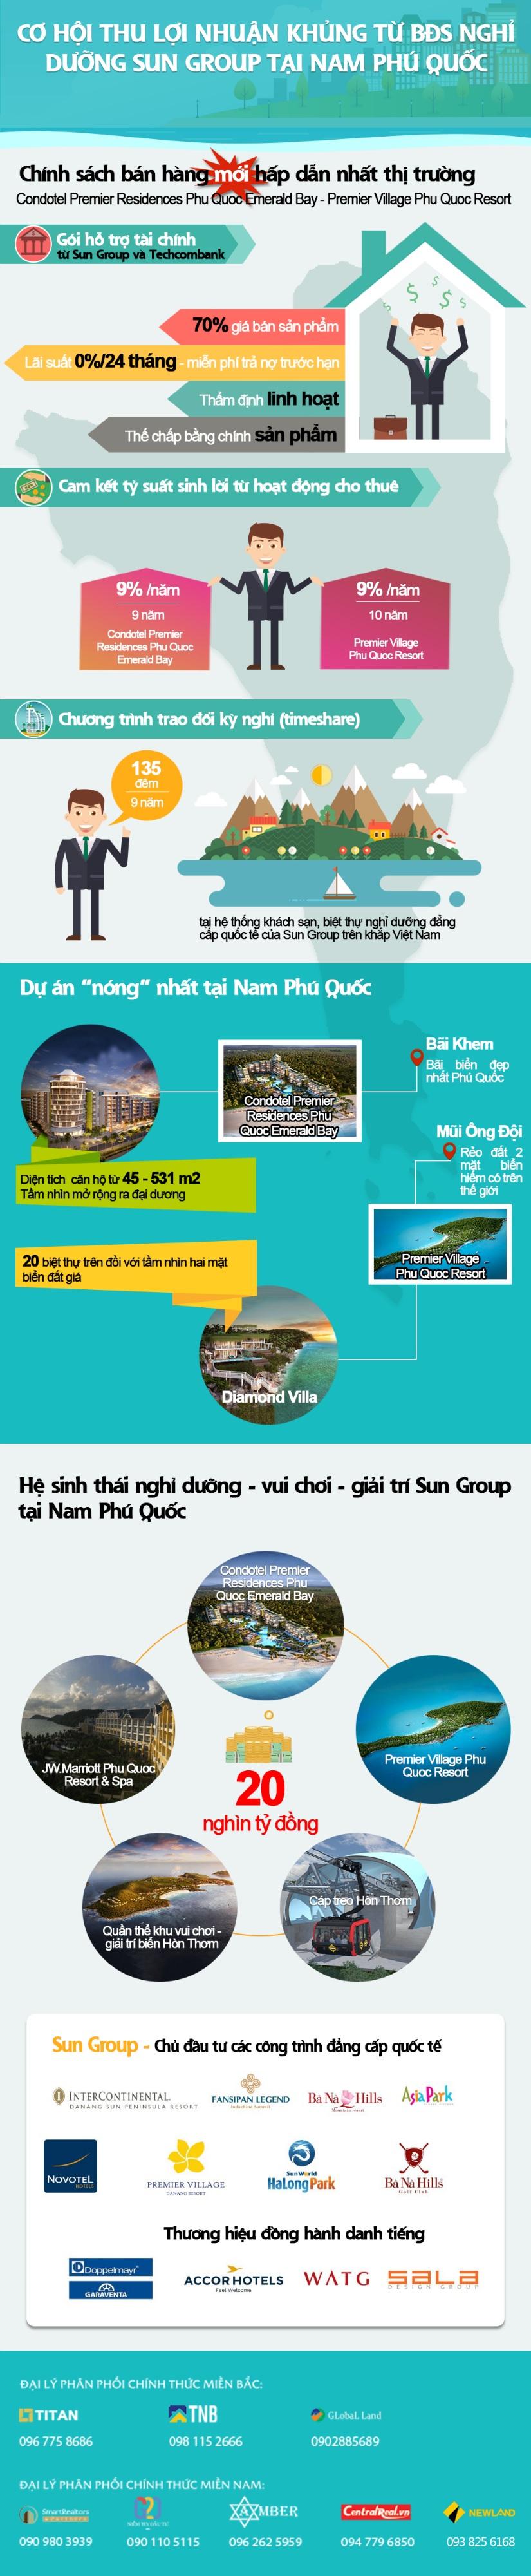 <Infographic> Chính sách hỗ trợ tài chính mới hấp dẫn nhất thị trường từ Sun Group.